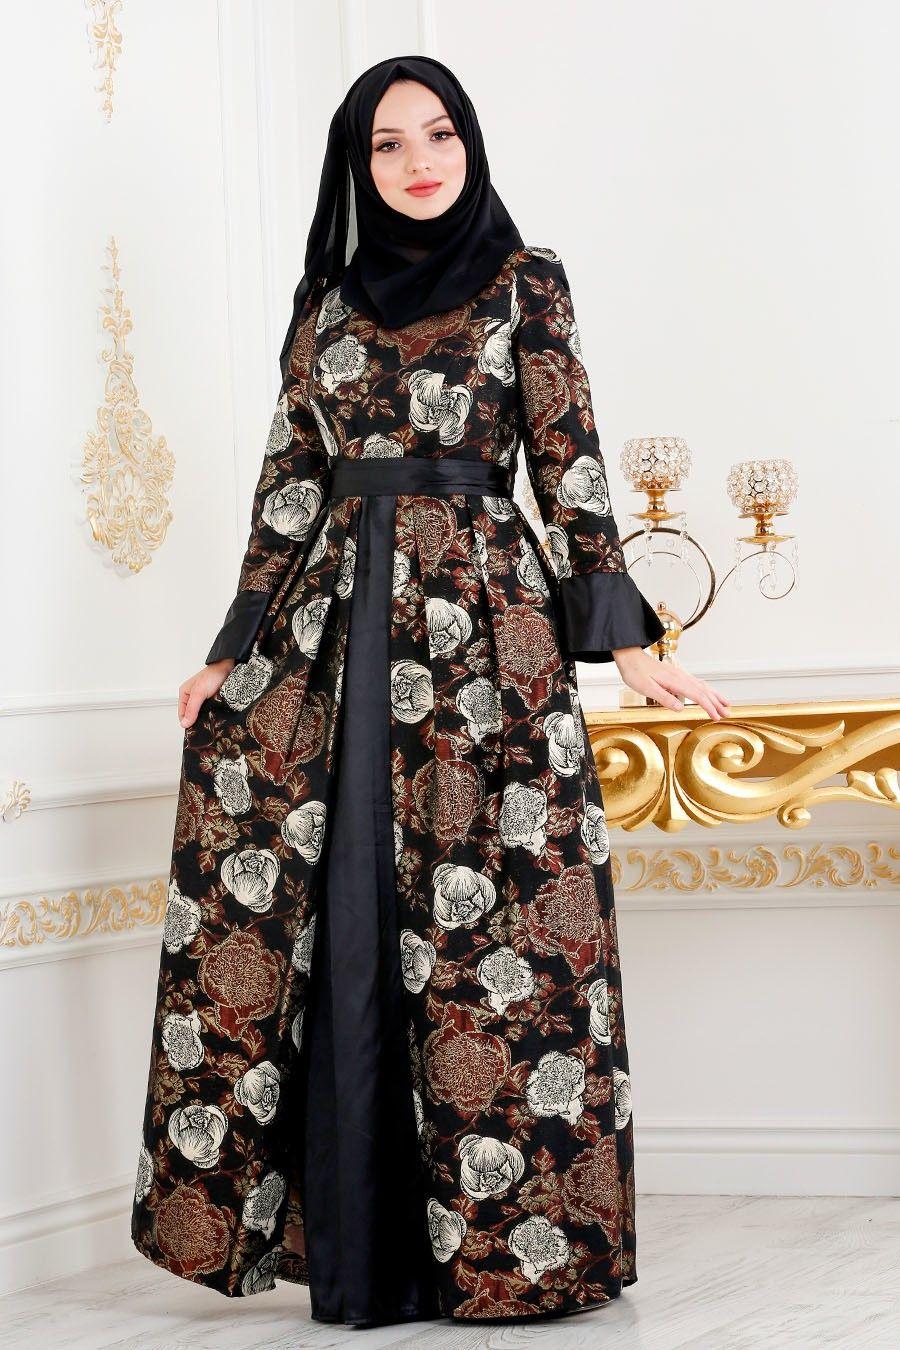 635a9ffa451a4 Tesettürlü Abiye Elbise - Desenli Jakarlı Kahverengi Tesettür Abiye Elbise  24682KH ÜRÜN KODU : 24682KH